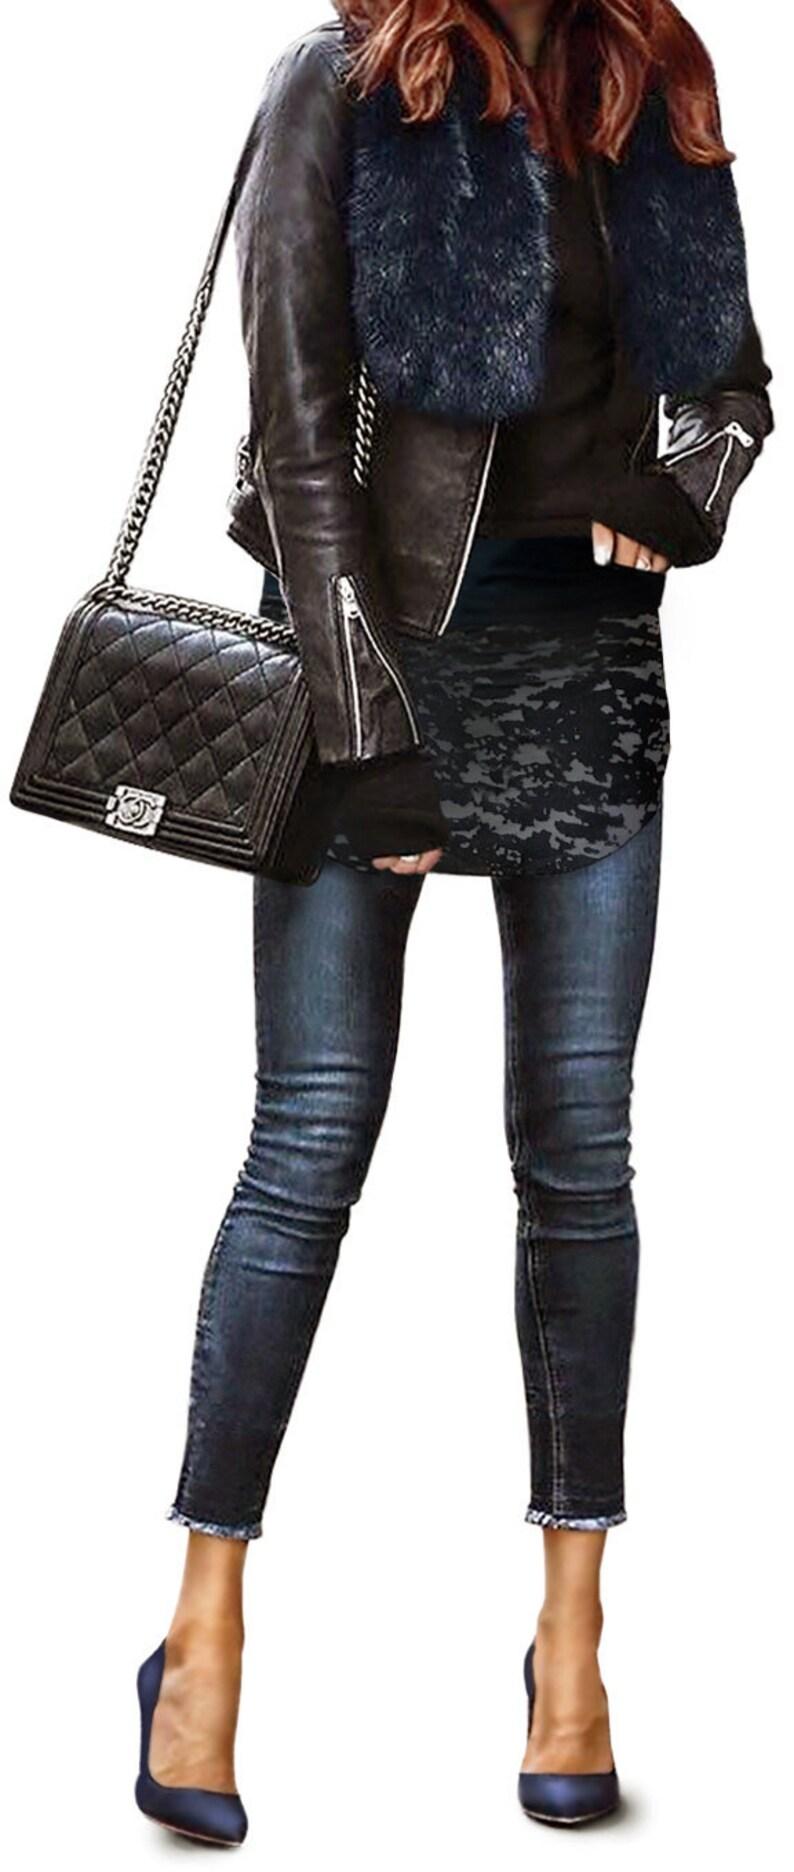 Isabella Wrapalini Booty Shawl  shirt extender pixie skirt image 0